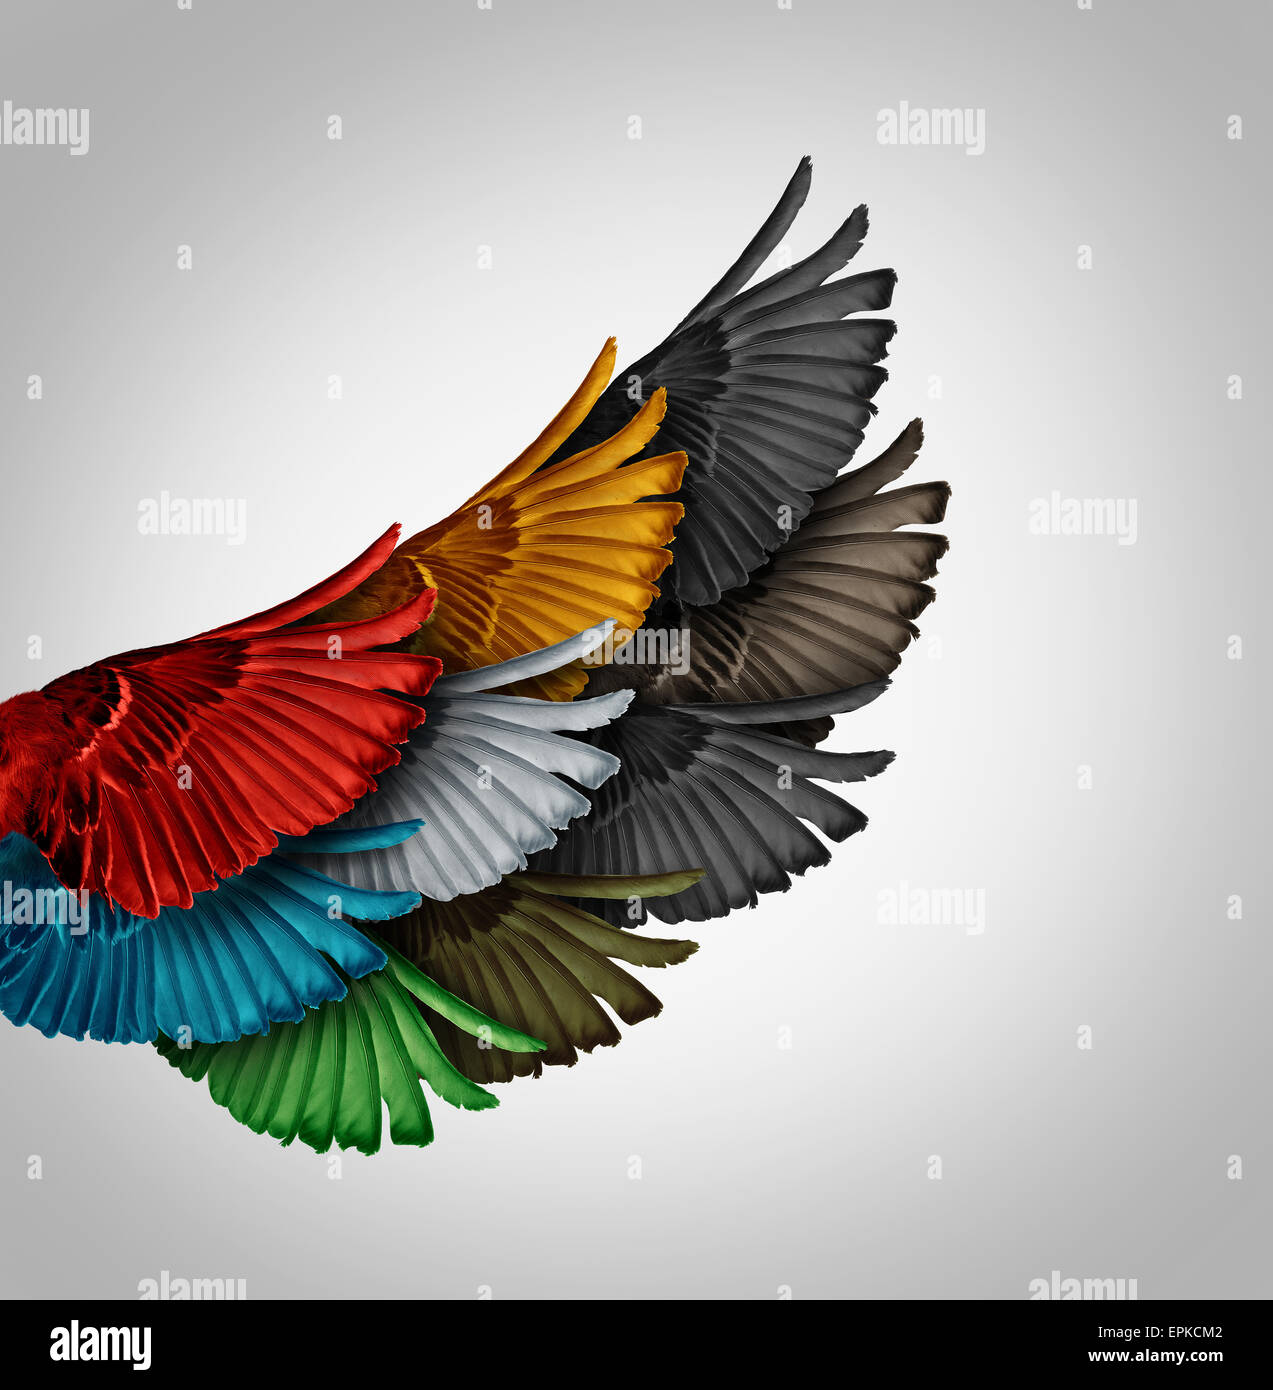 Allianz-Konzept und Geschäftsidee als Vogel Flügel kommen, als sich einen riesigen mächtigen Flügel Stockbild